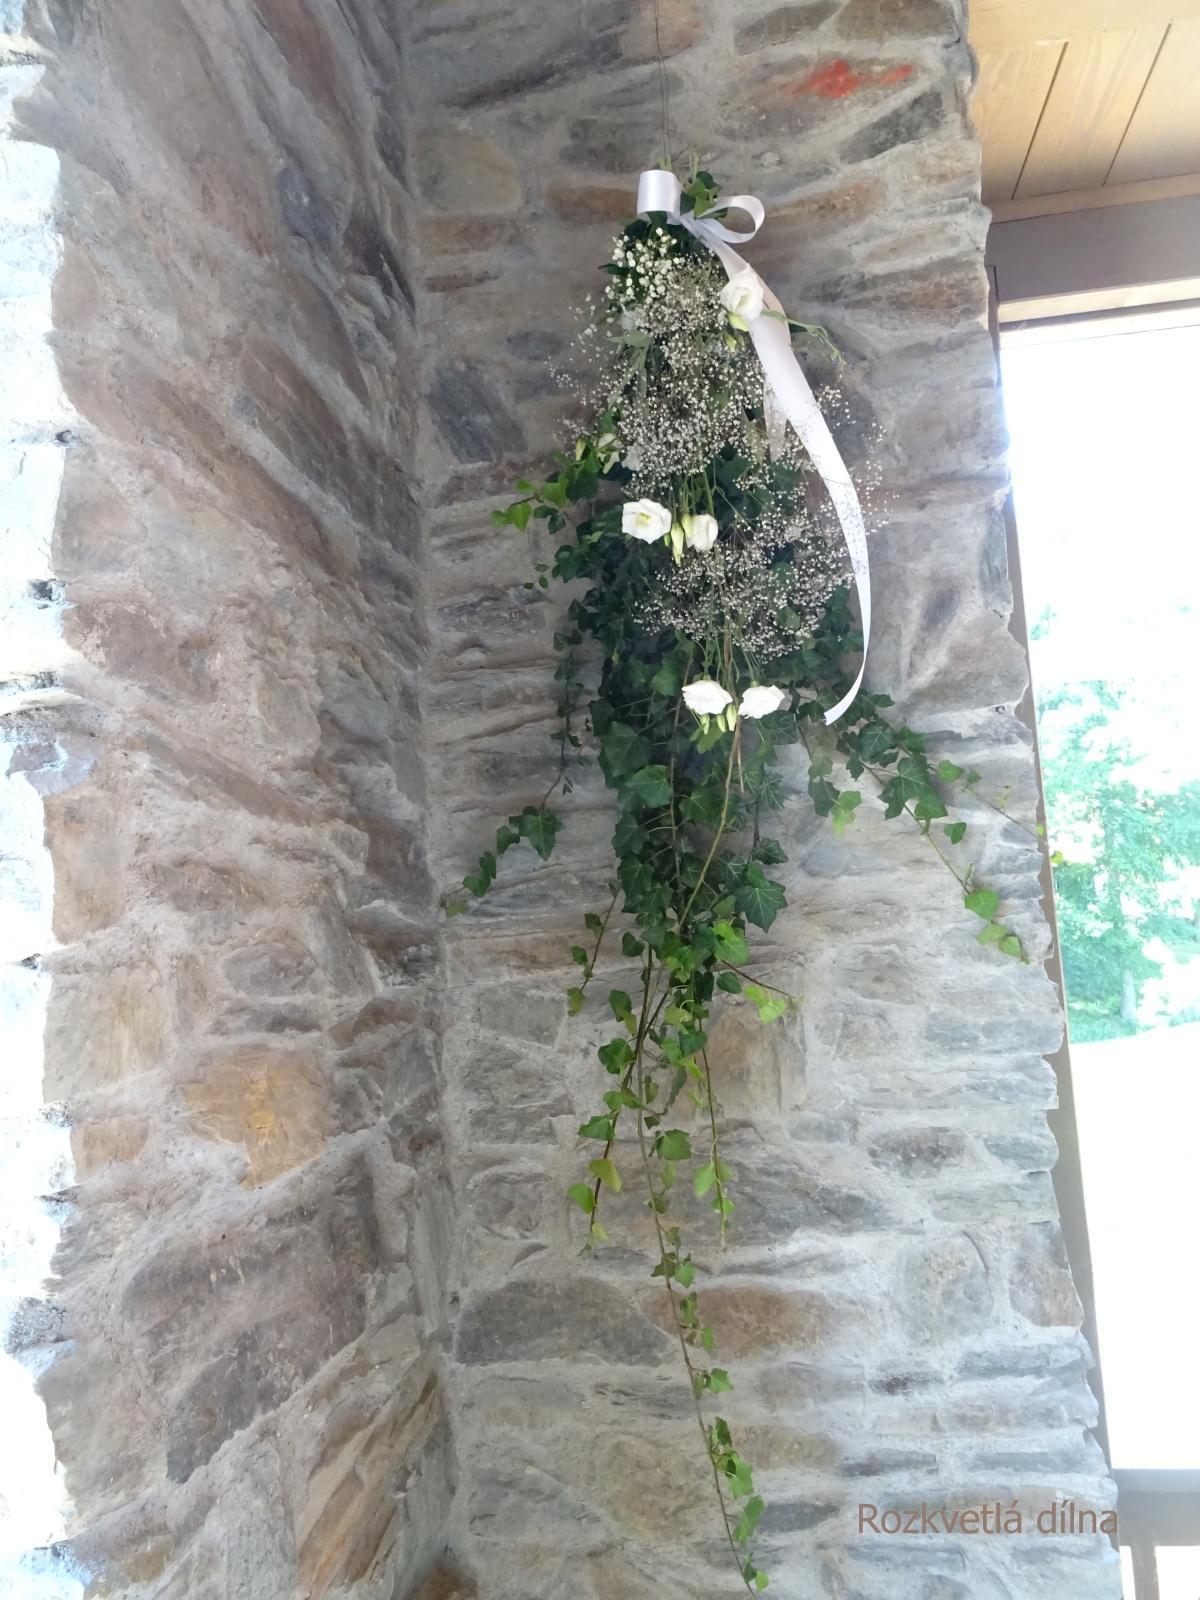 Letní svatba ve Všeticích s květinami z Rozkvetlé dílny - Obrázek č. 4